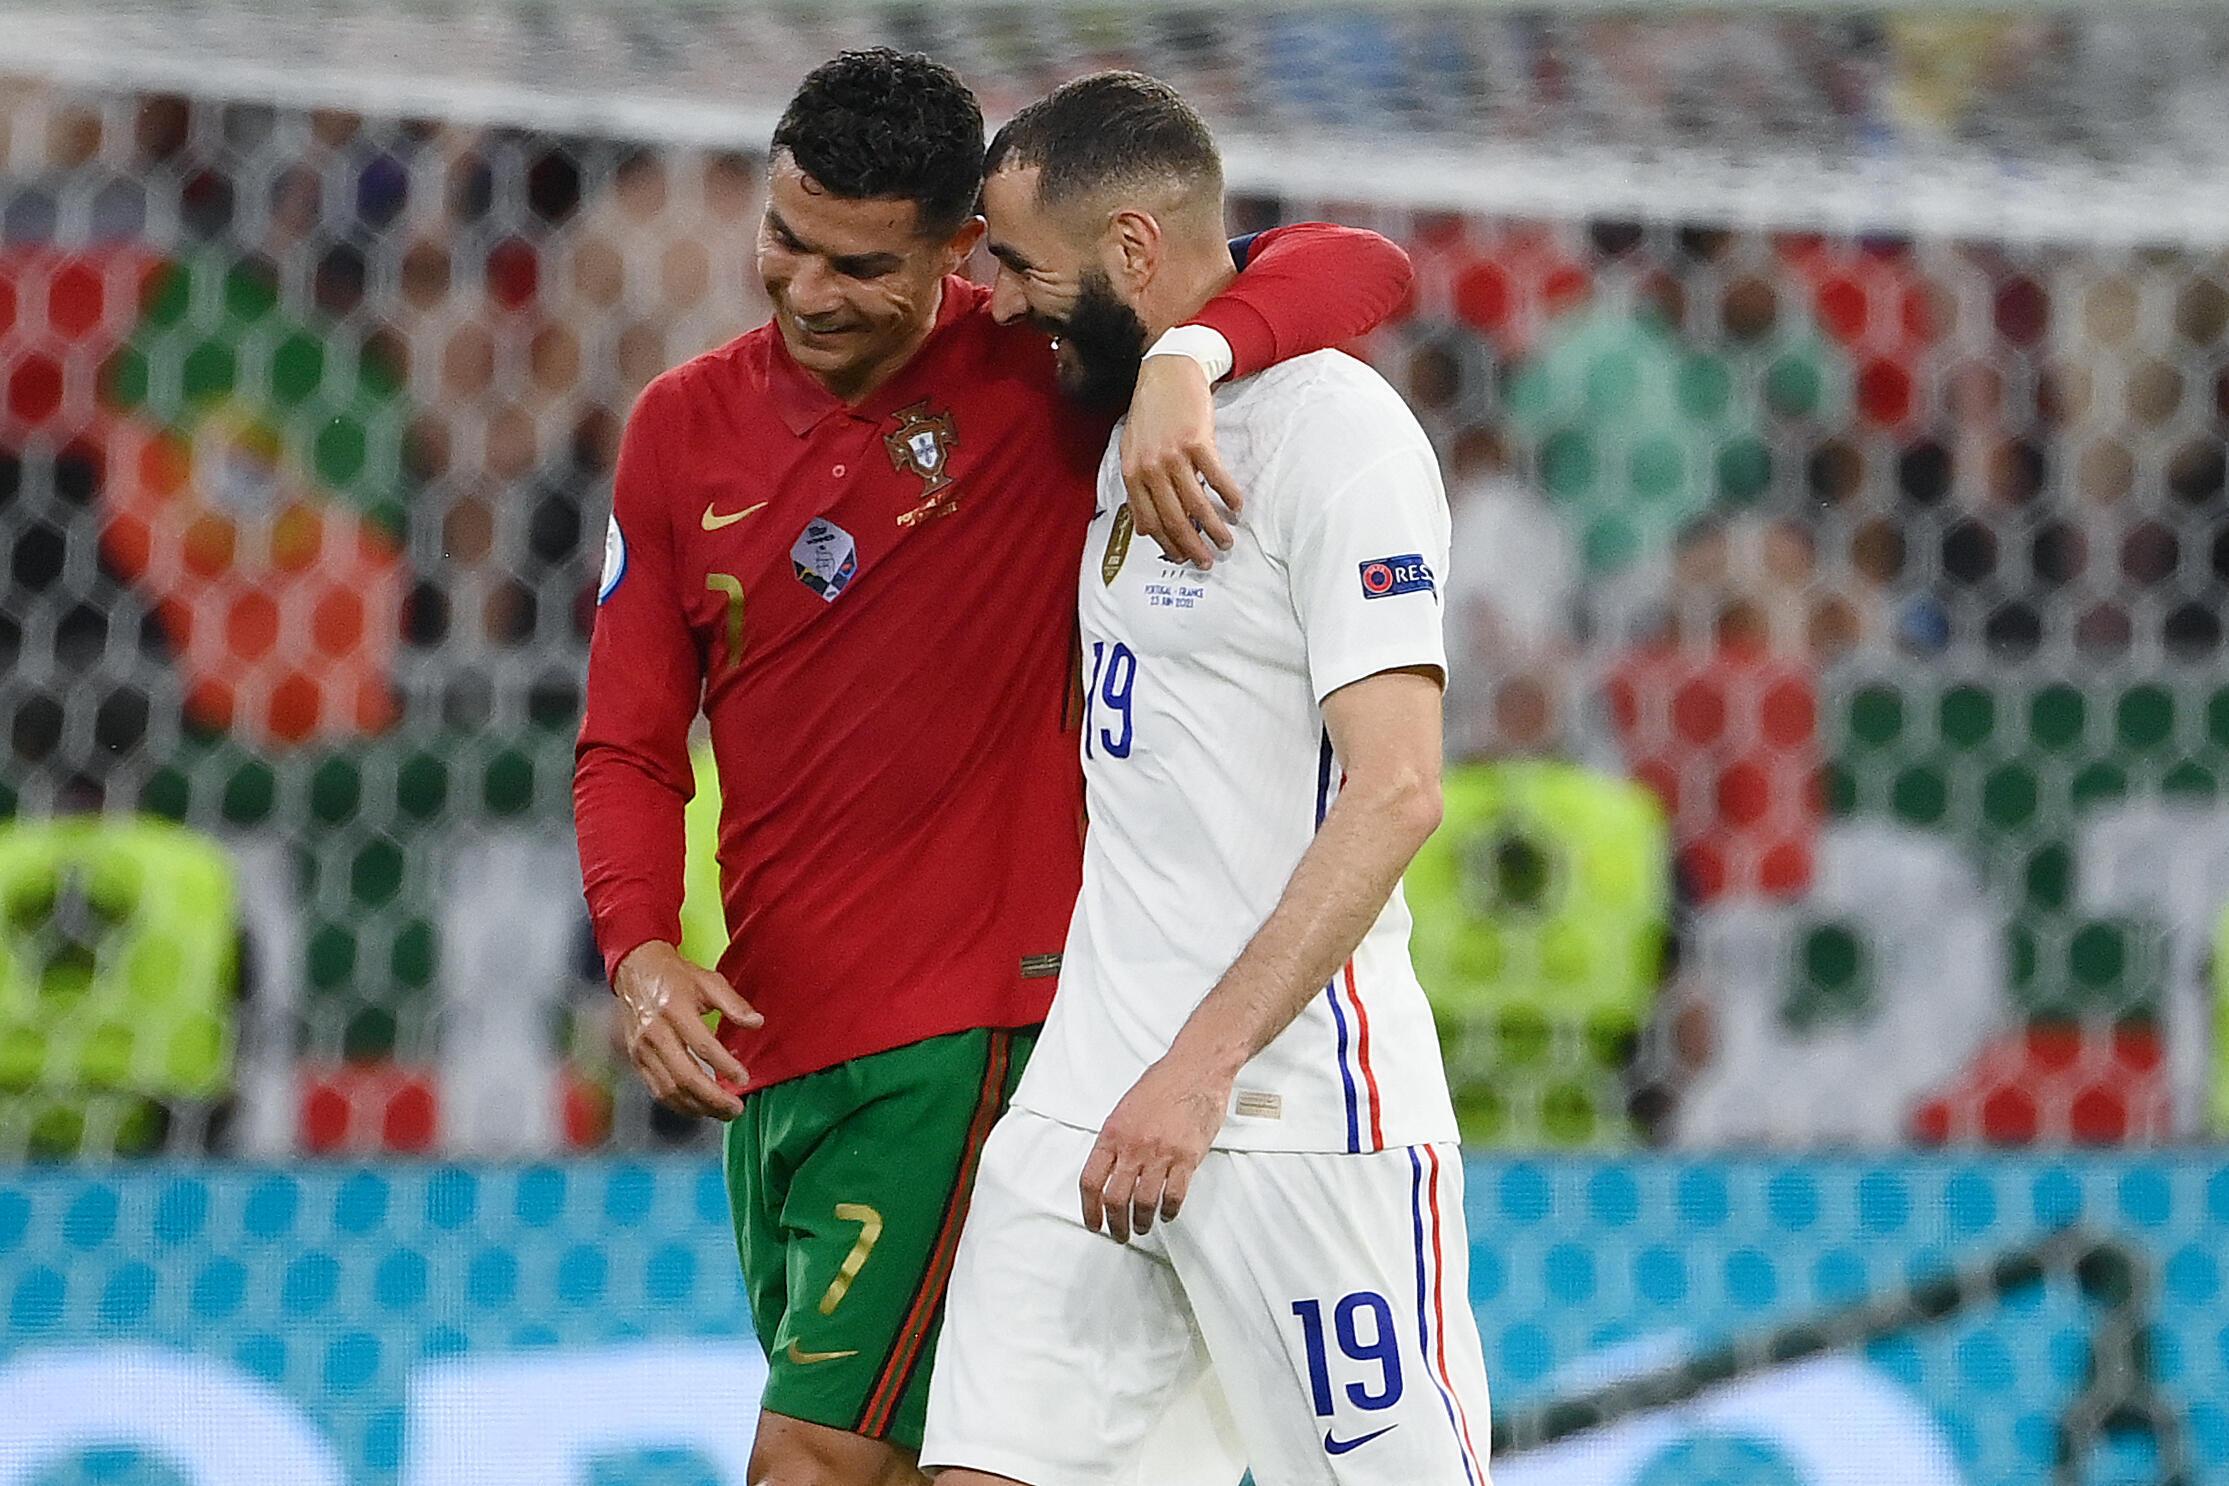 Cristiano Ronaldo - Portugal - UEFA - Euro 2020 - Futebol - Karim Benzema - França - France - Football